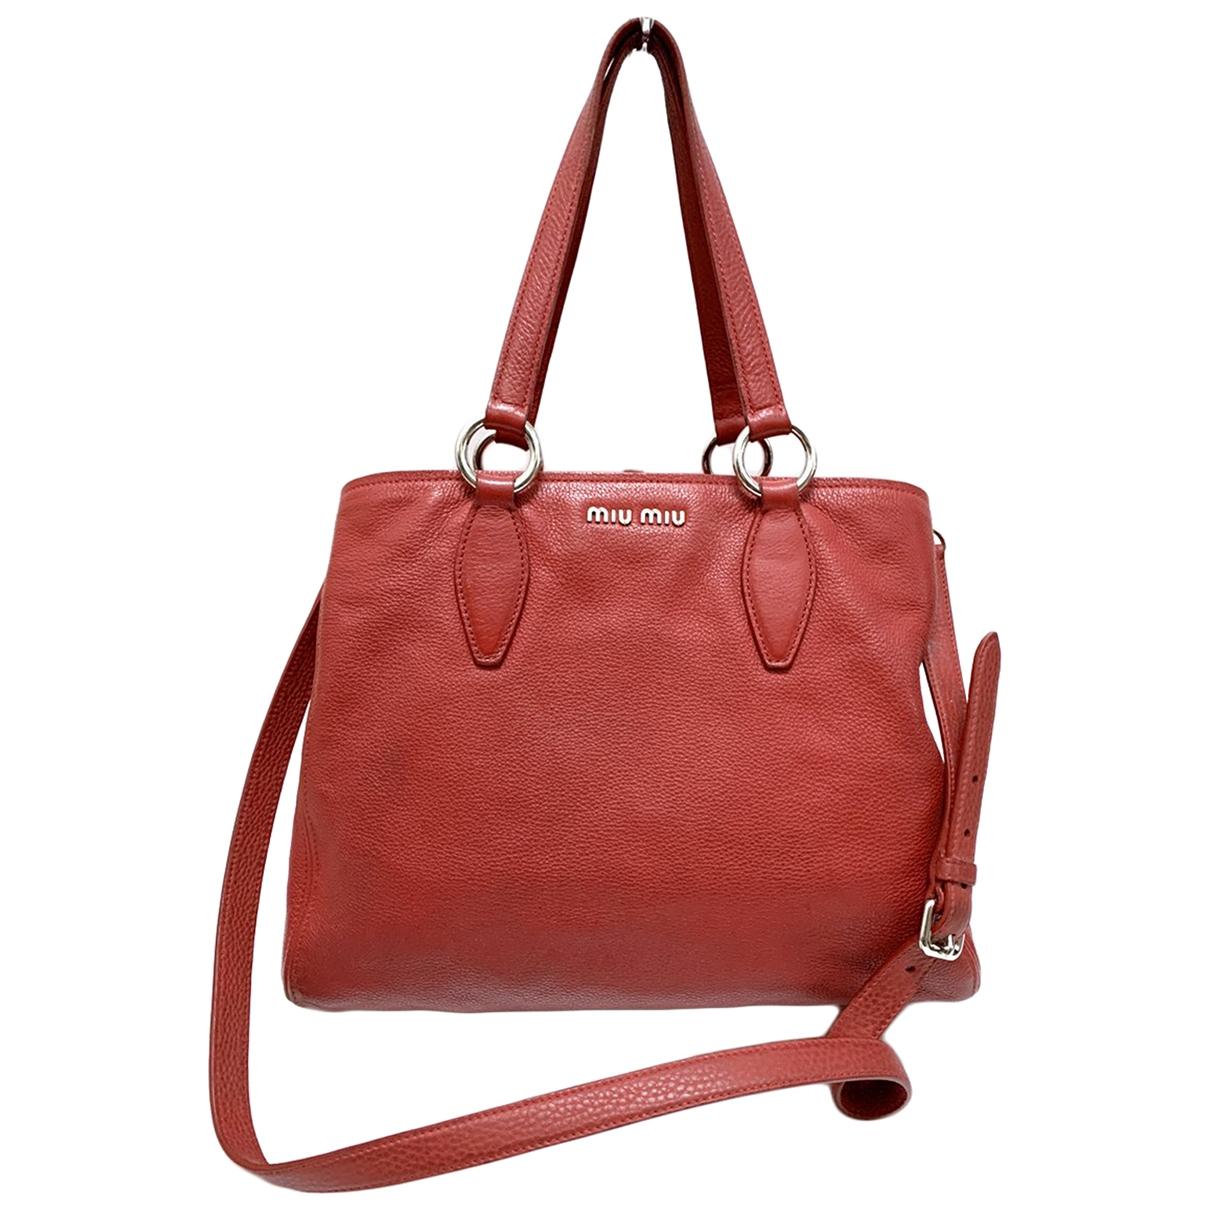 Miu Miu \N Handtasche in  Rot Leder